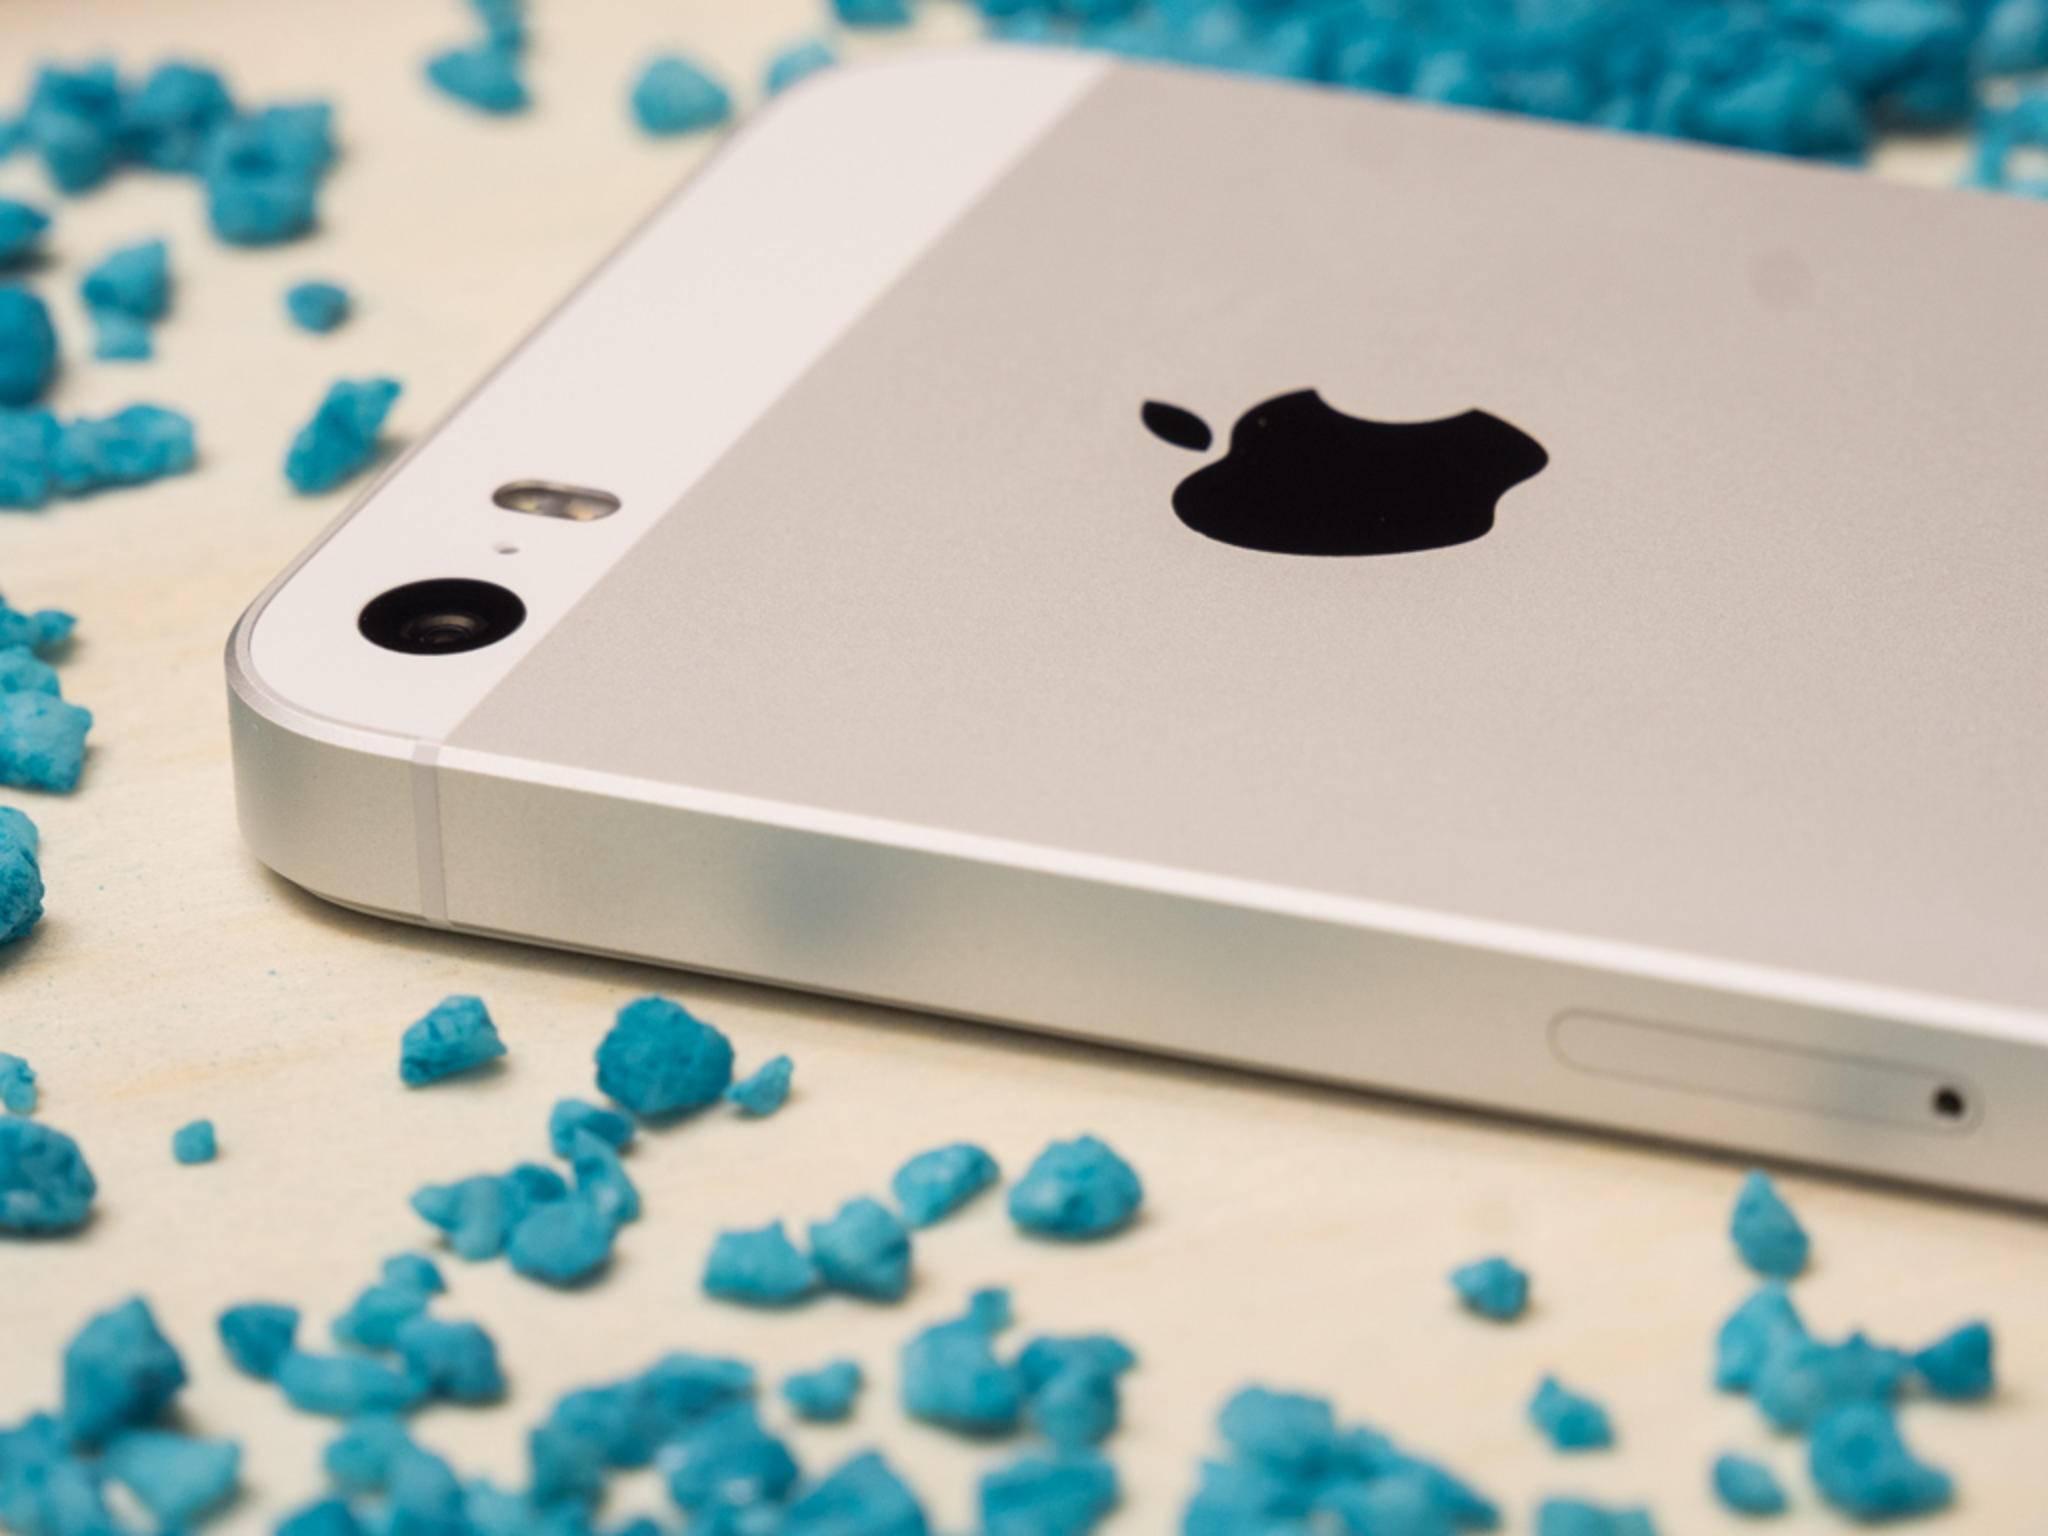 Das iPhone SE kann mit iOS 10 auch RAW-Fotos schießen.